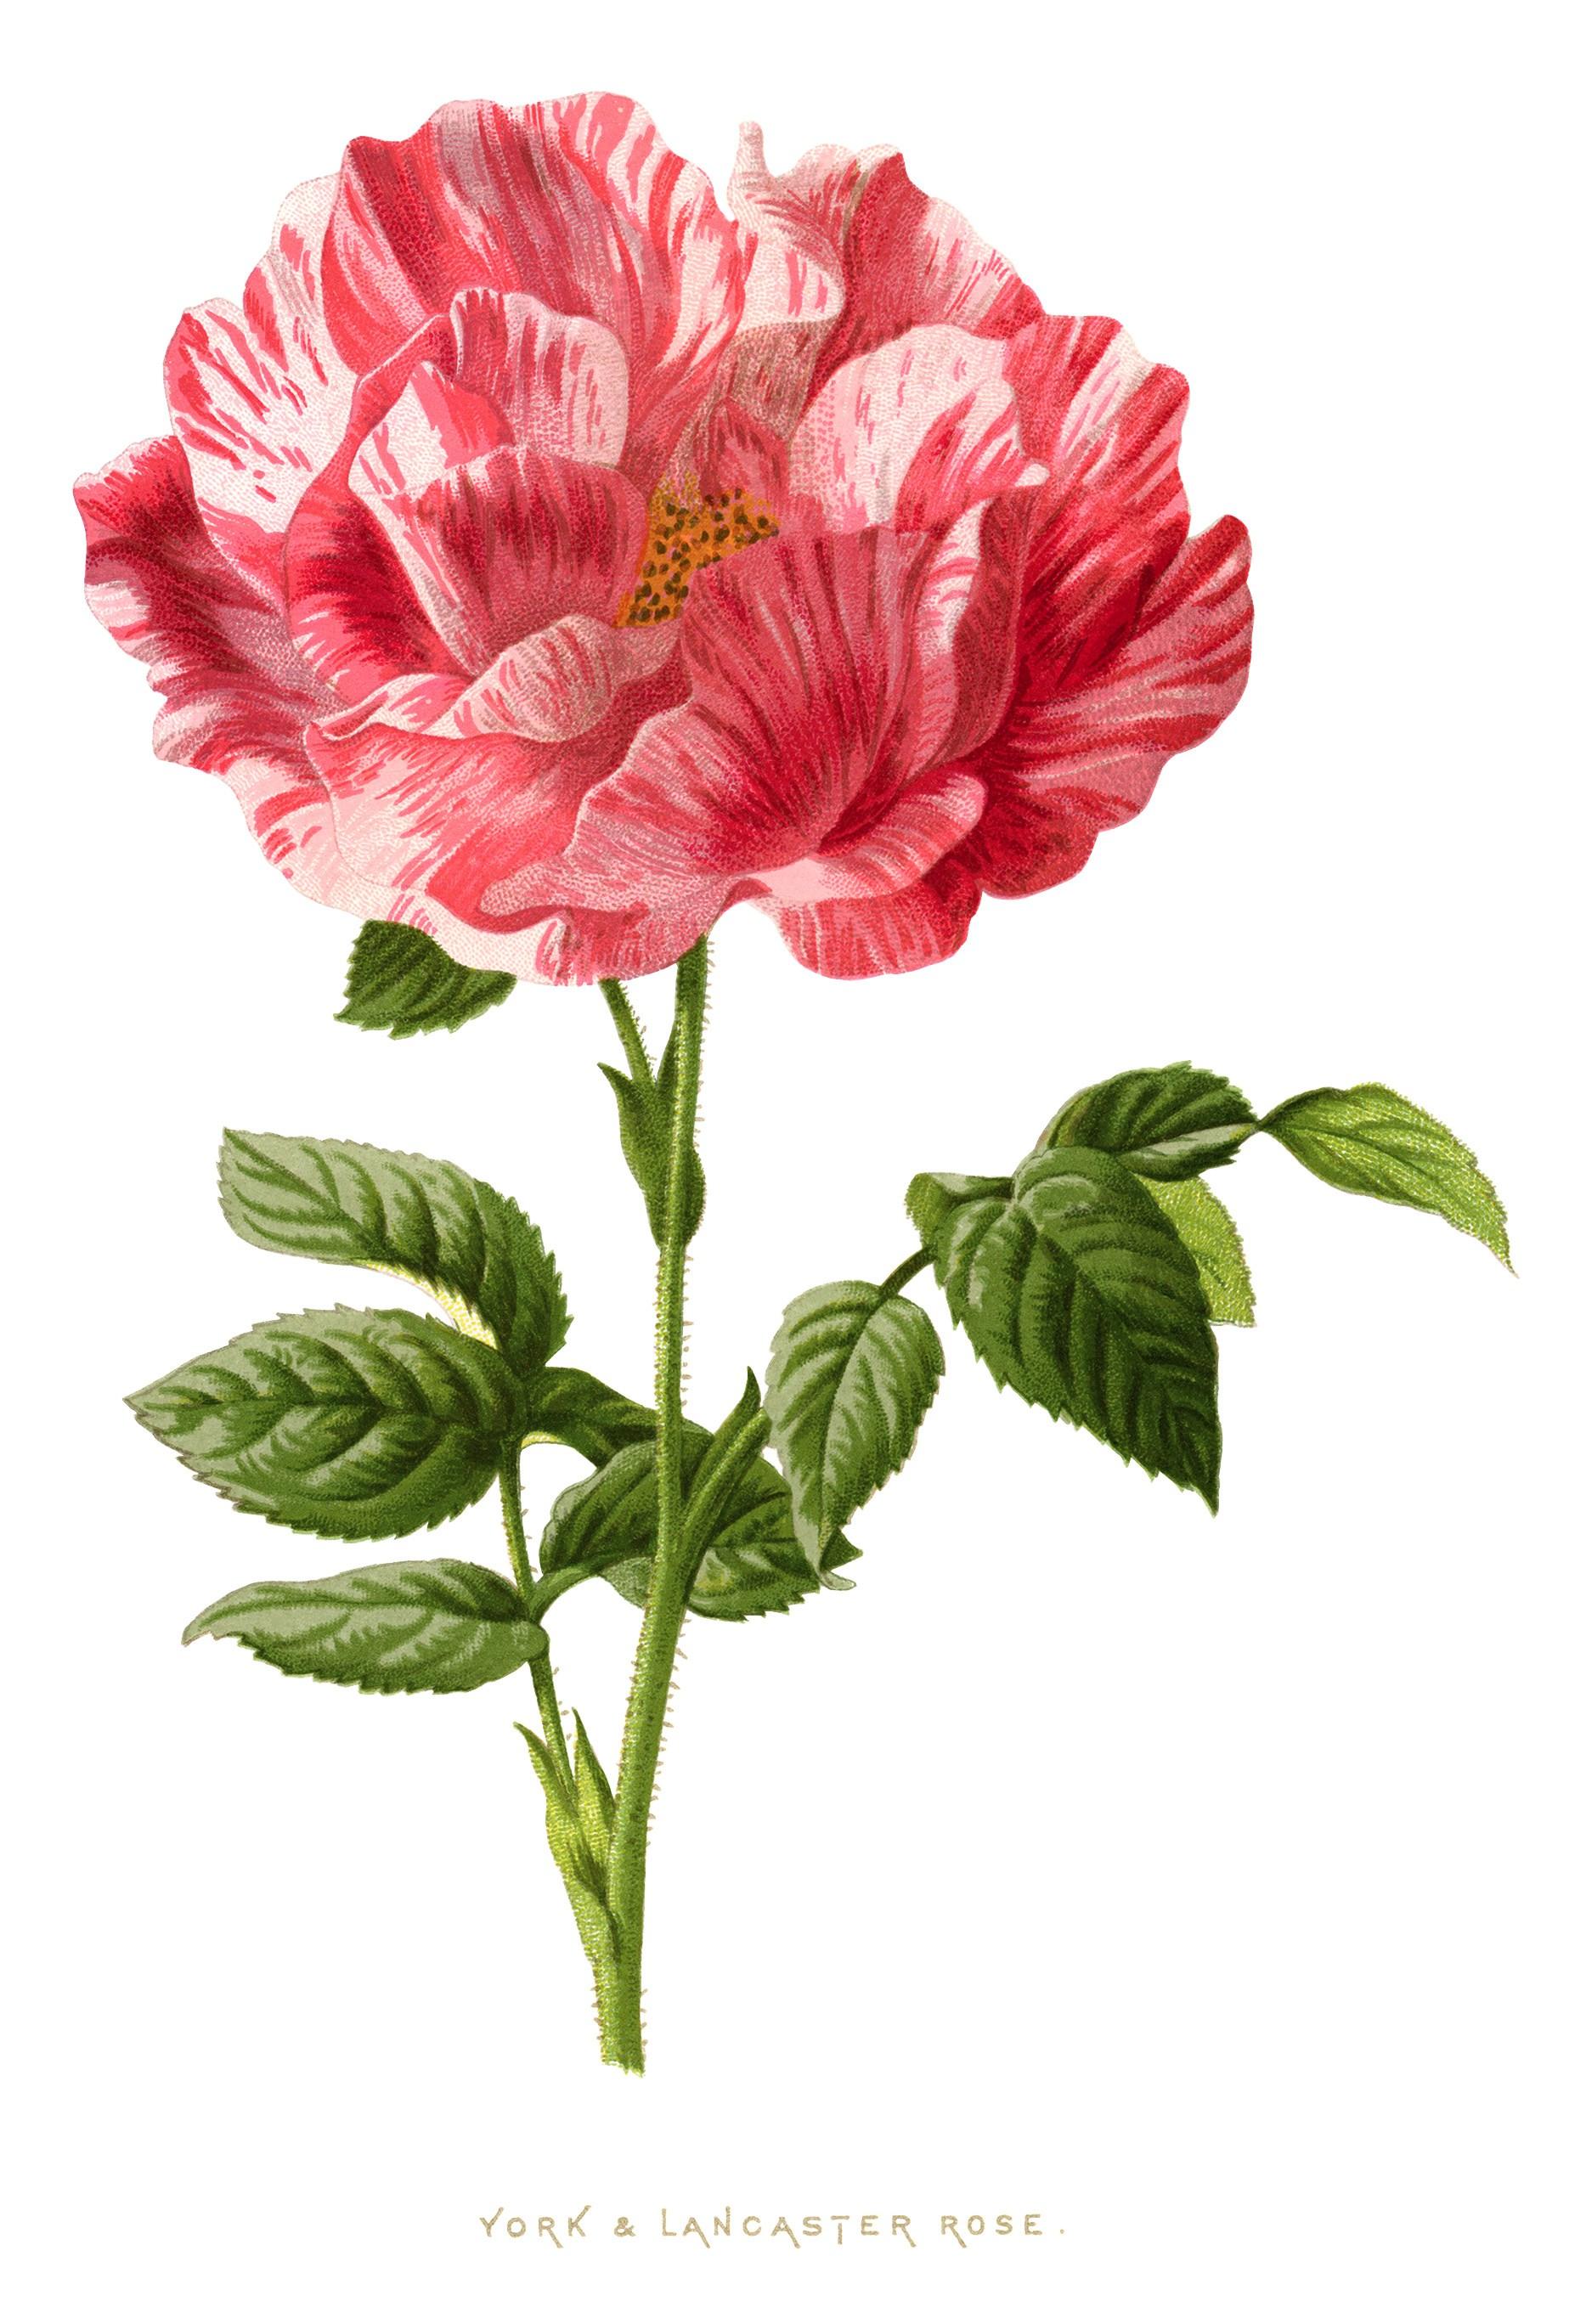 pink rose clip art, York Lancaster rose, vintage flower.